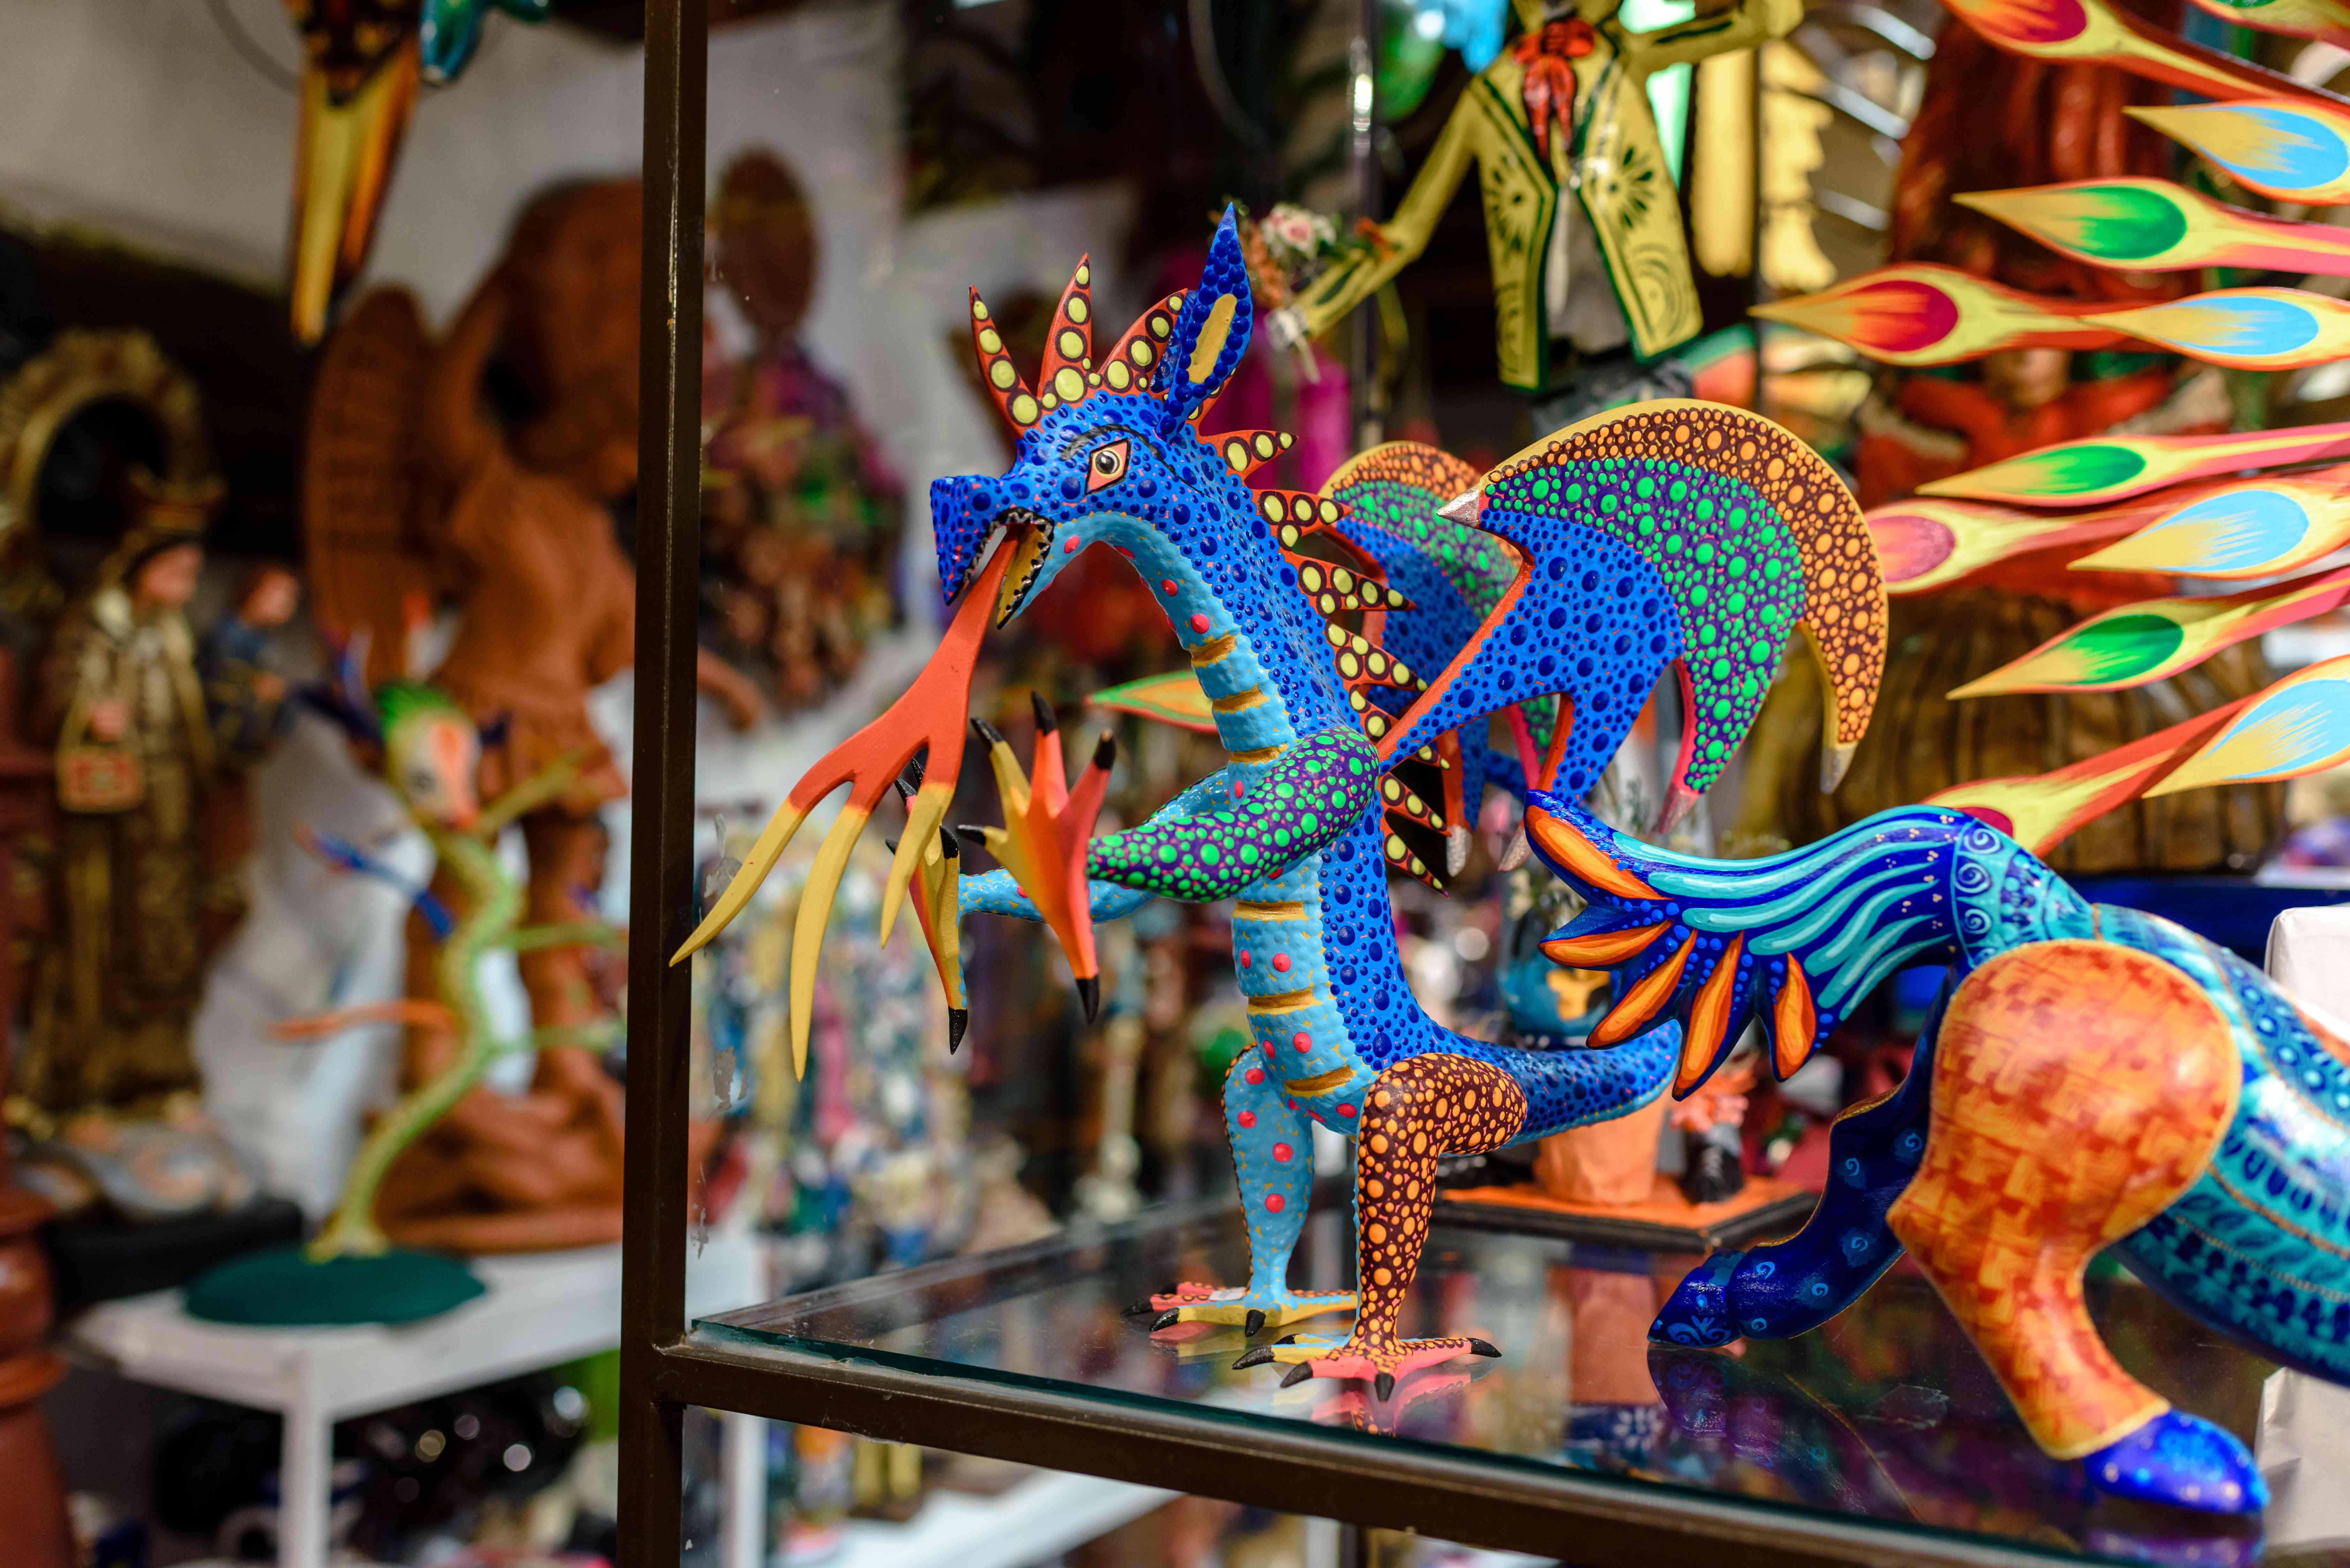 colorful figurines for sale at El bazar sabado